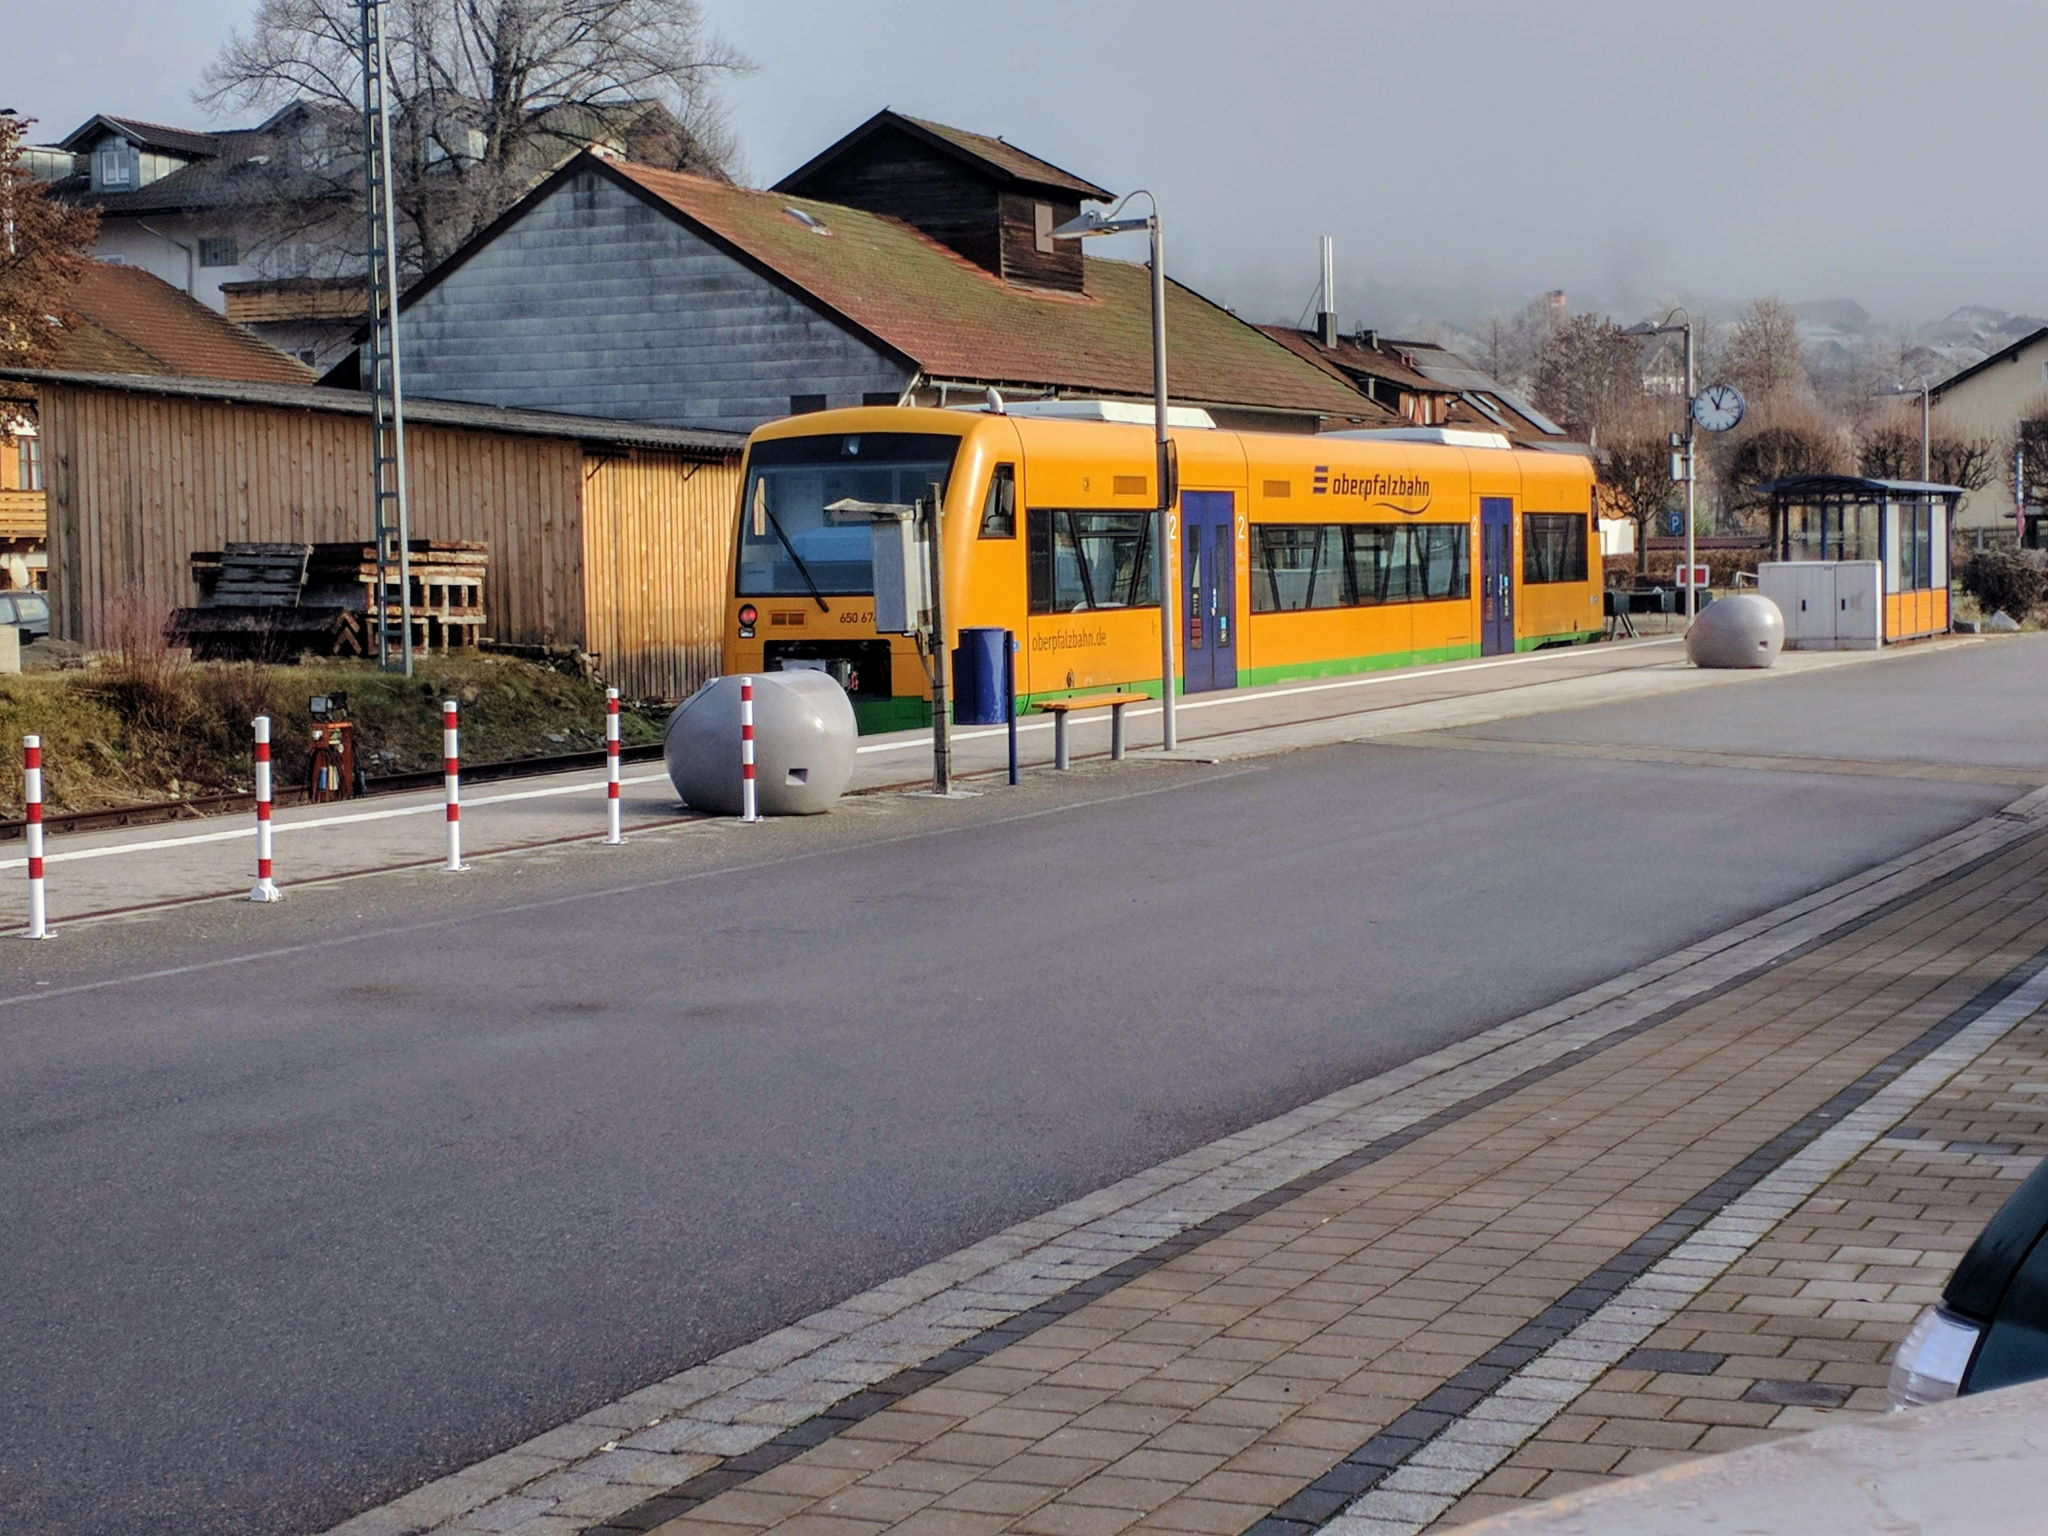 Oberpfalzbahn am Bahnhof in Lam